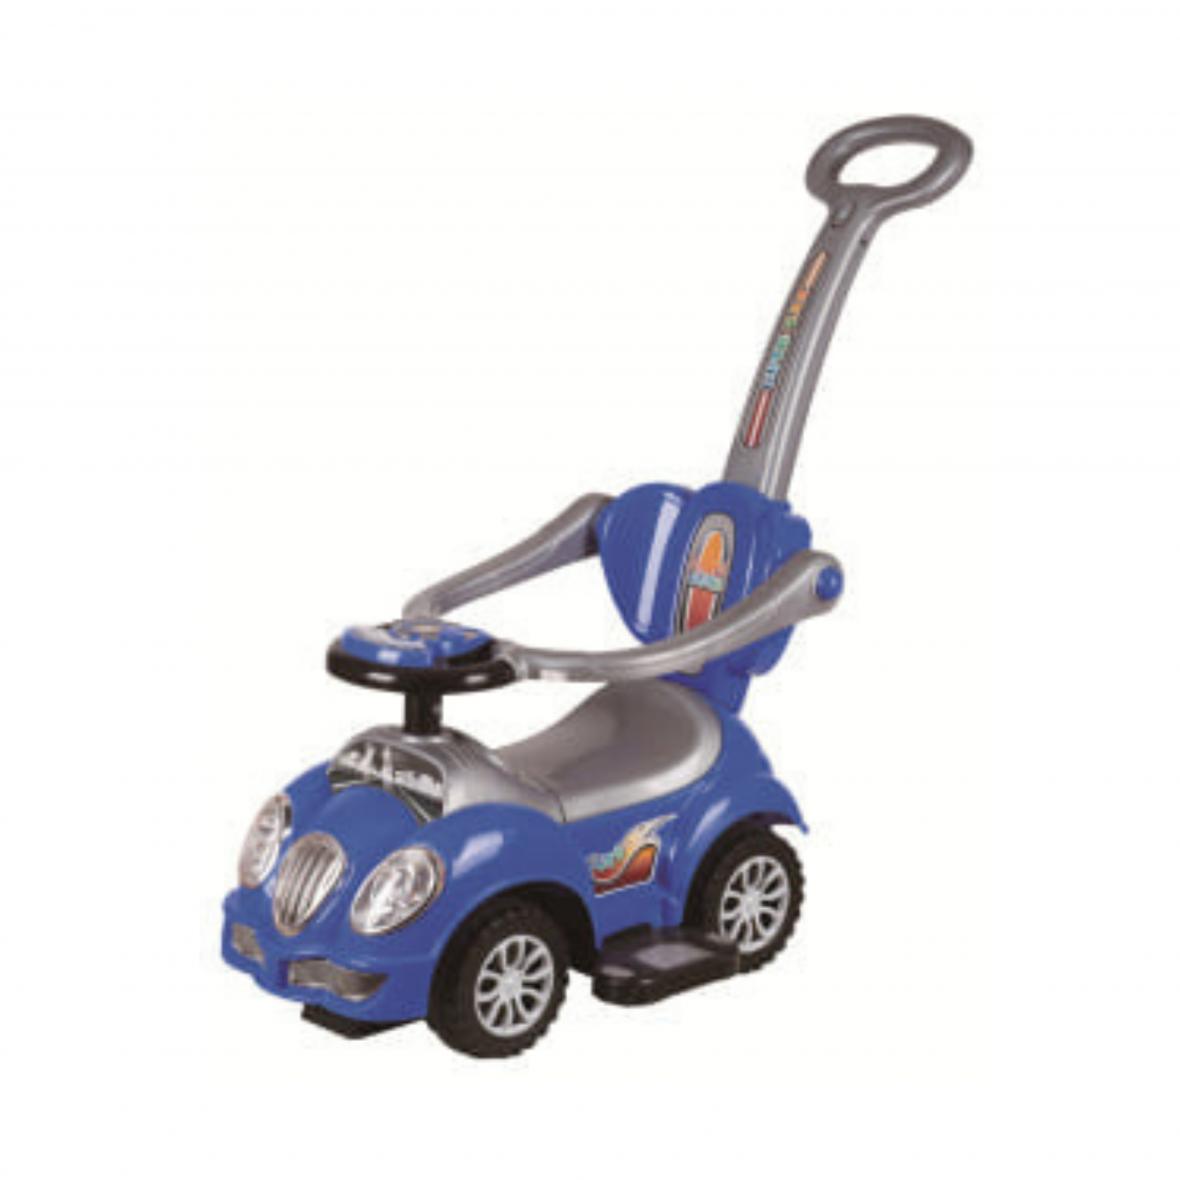 Auto Trotteur Cute avec Manche Blue